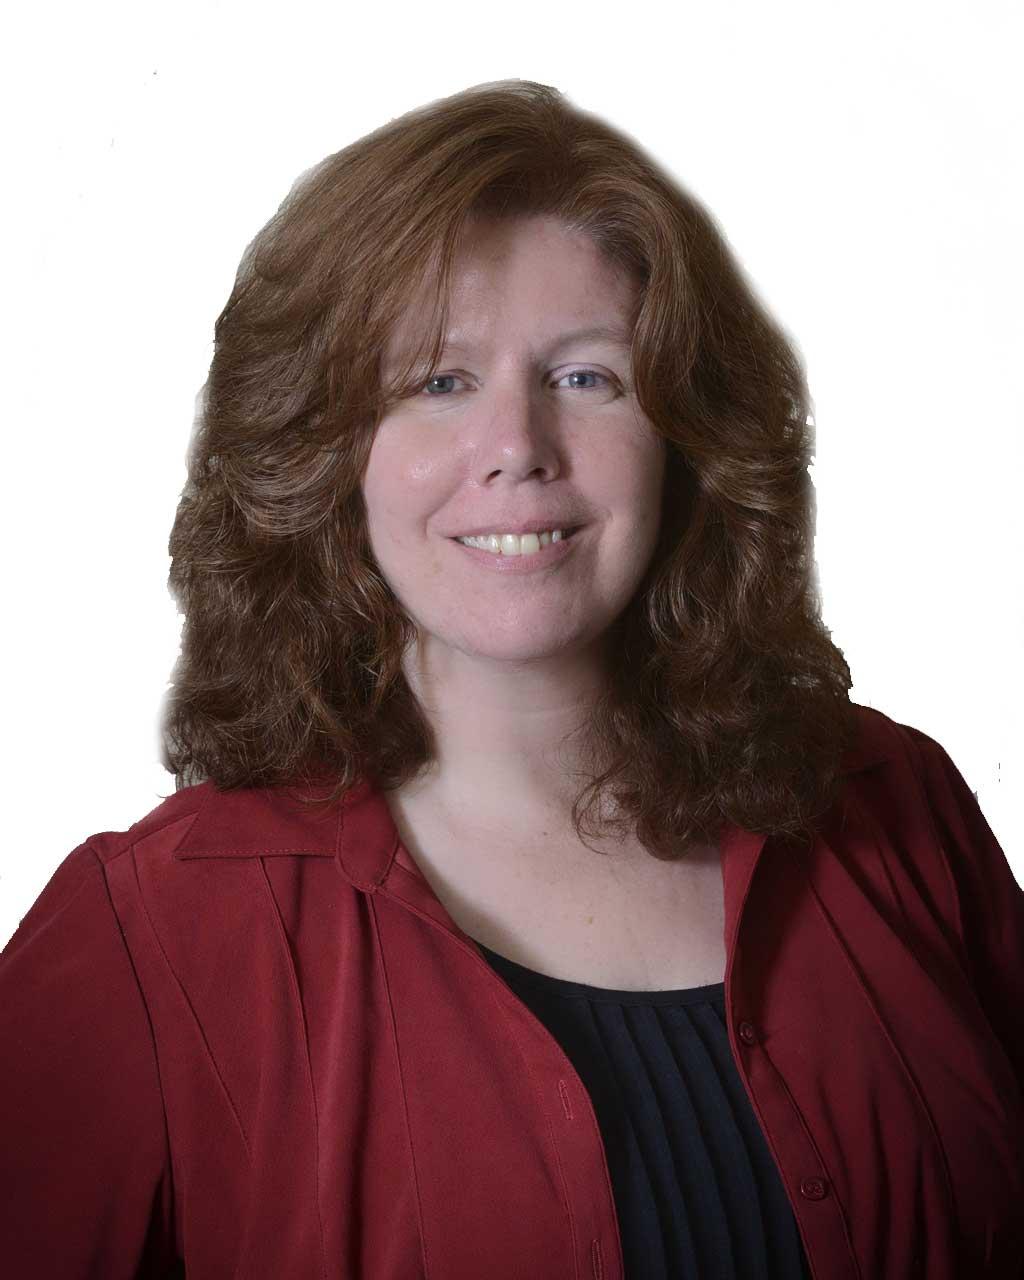 Christine M. Perkins (Tina)